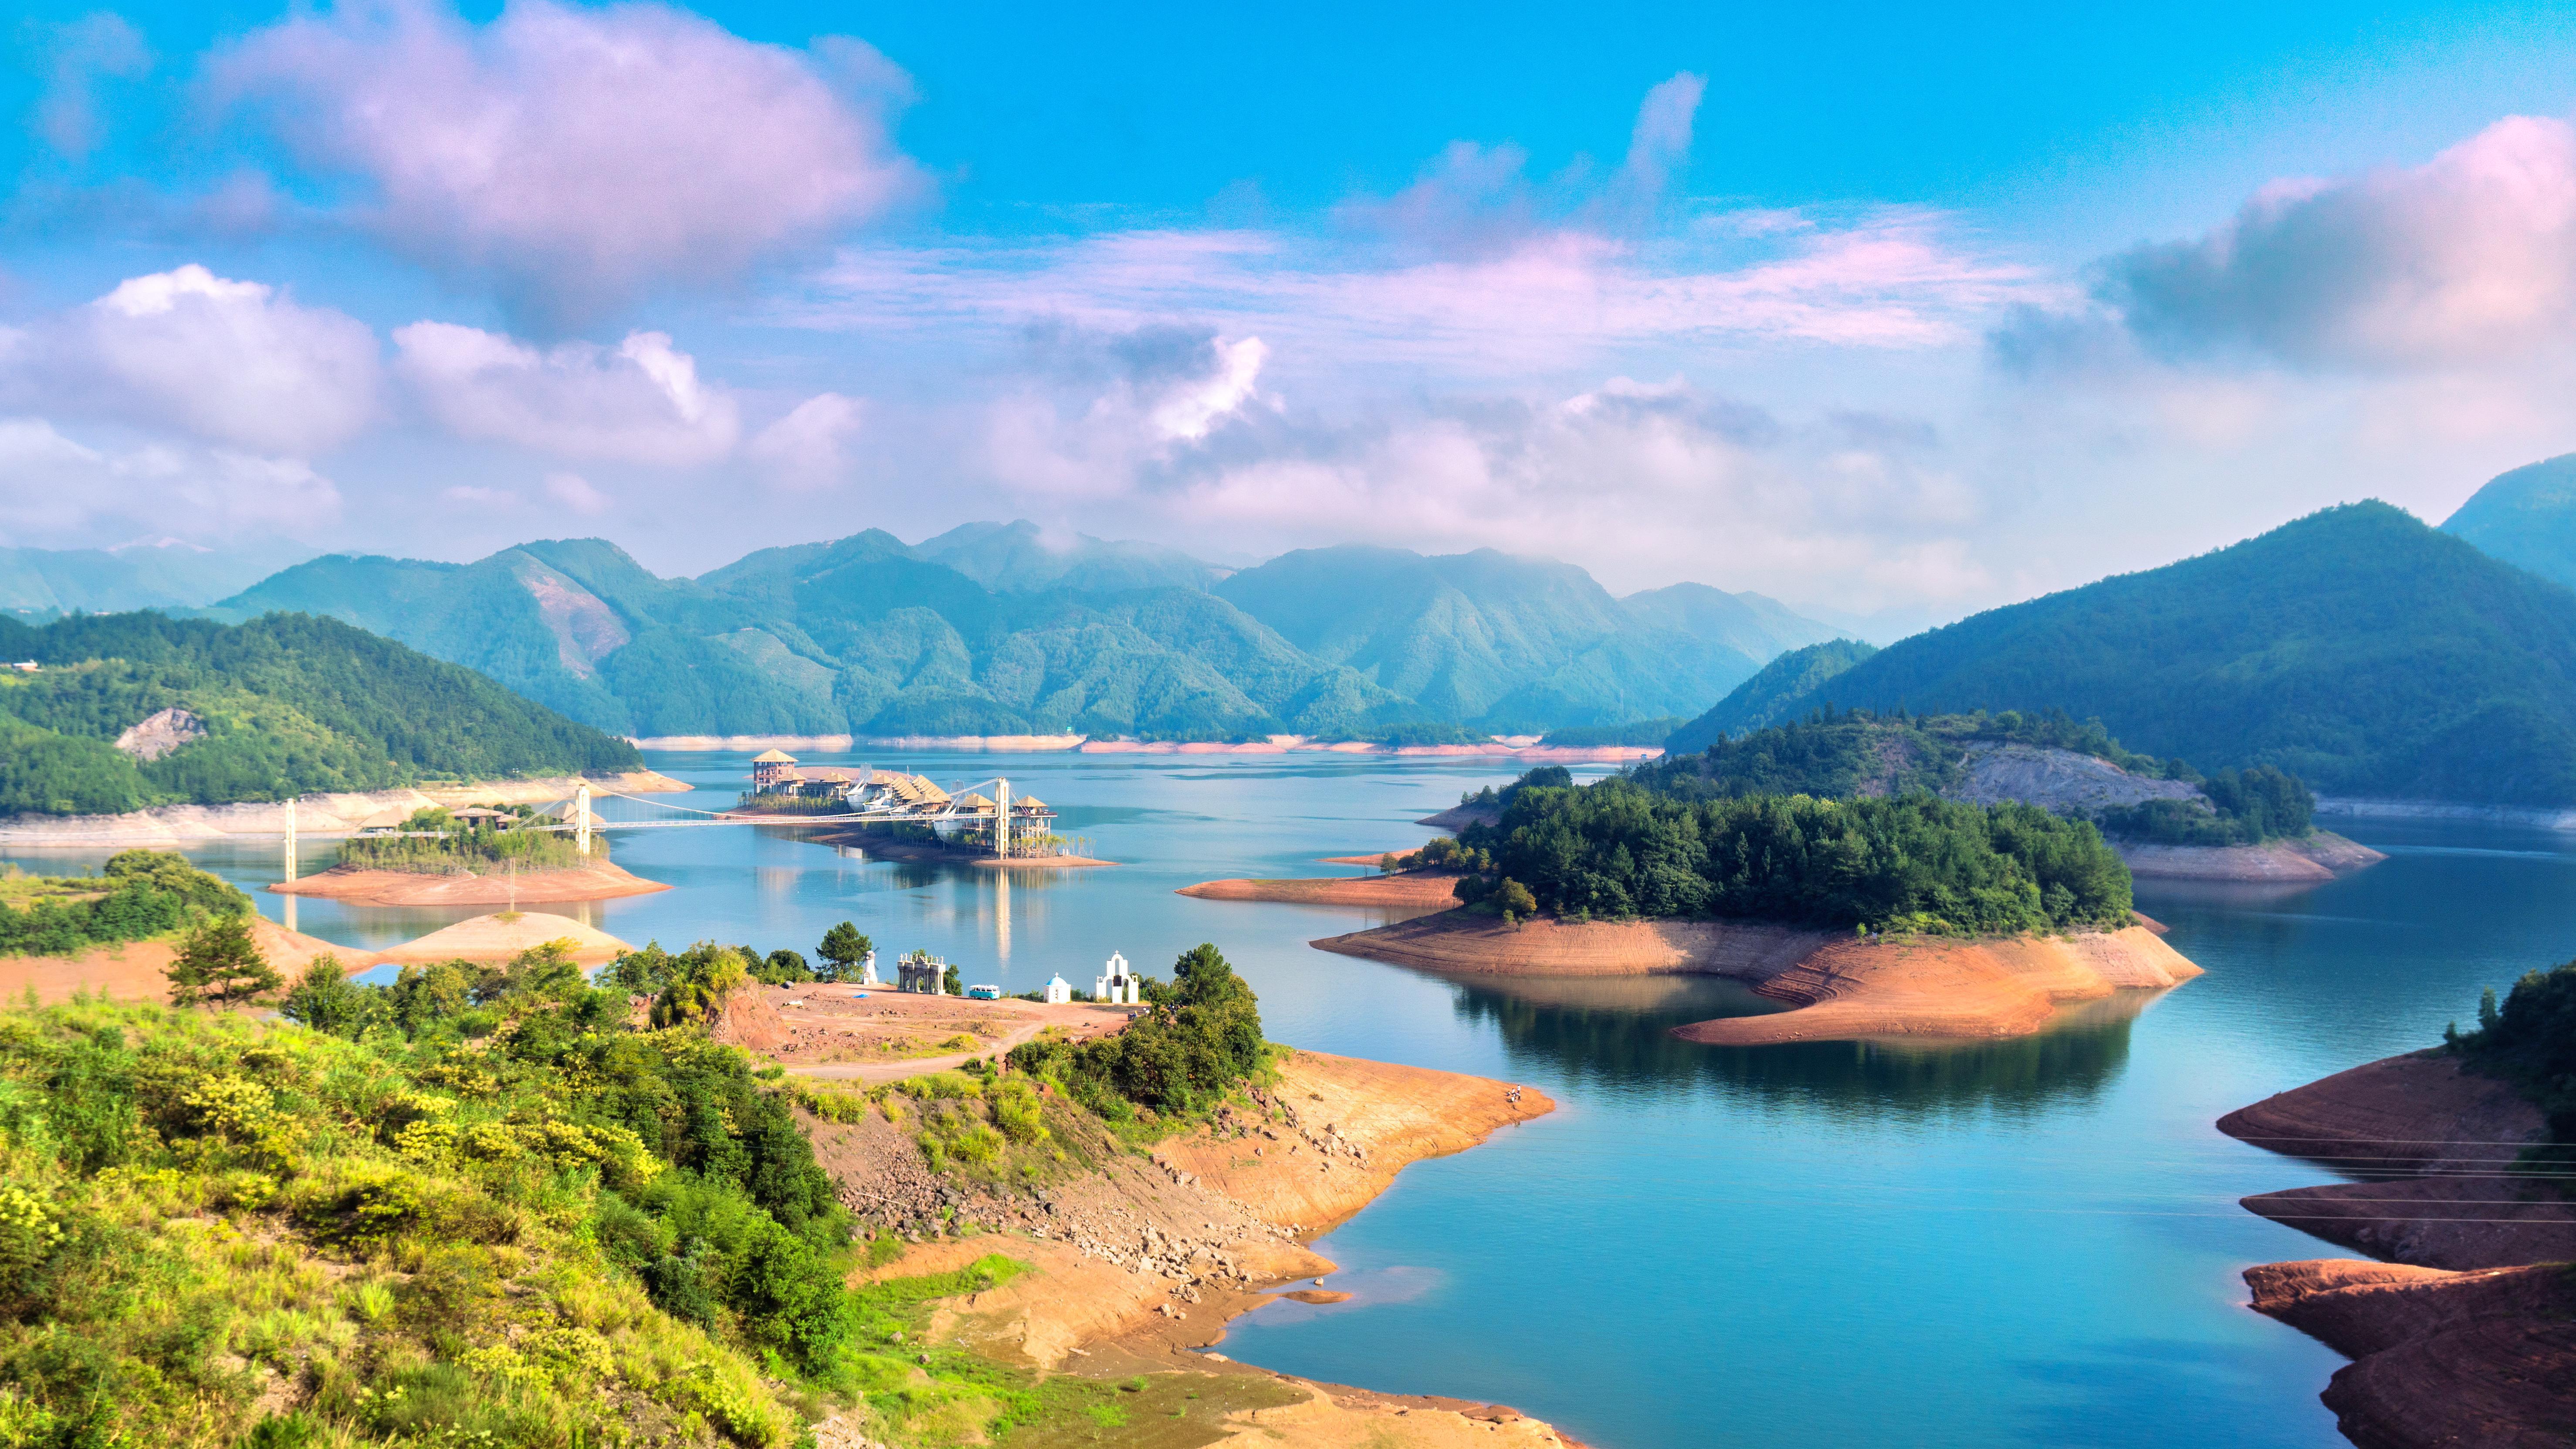 雲和湖仙宮景區